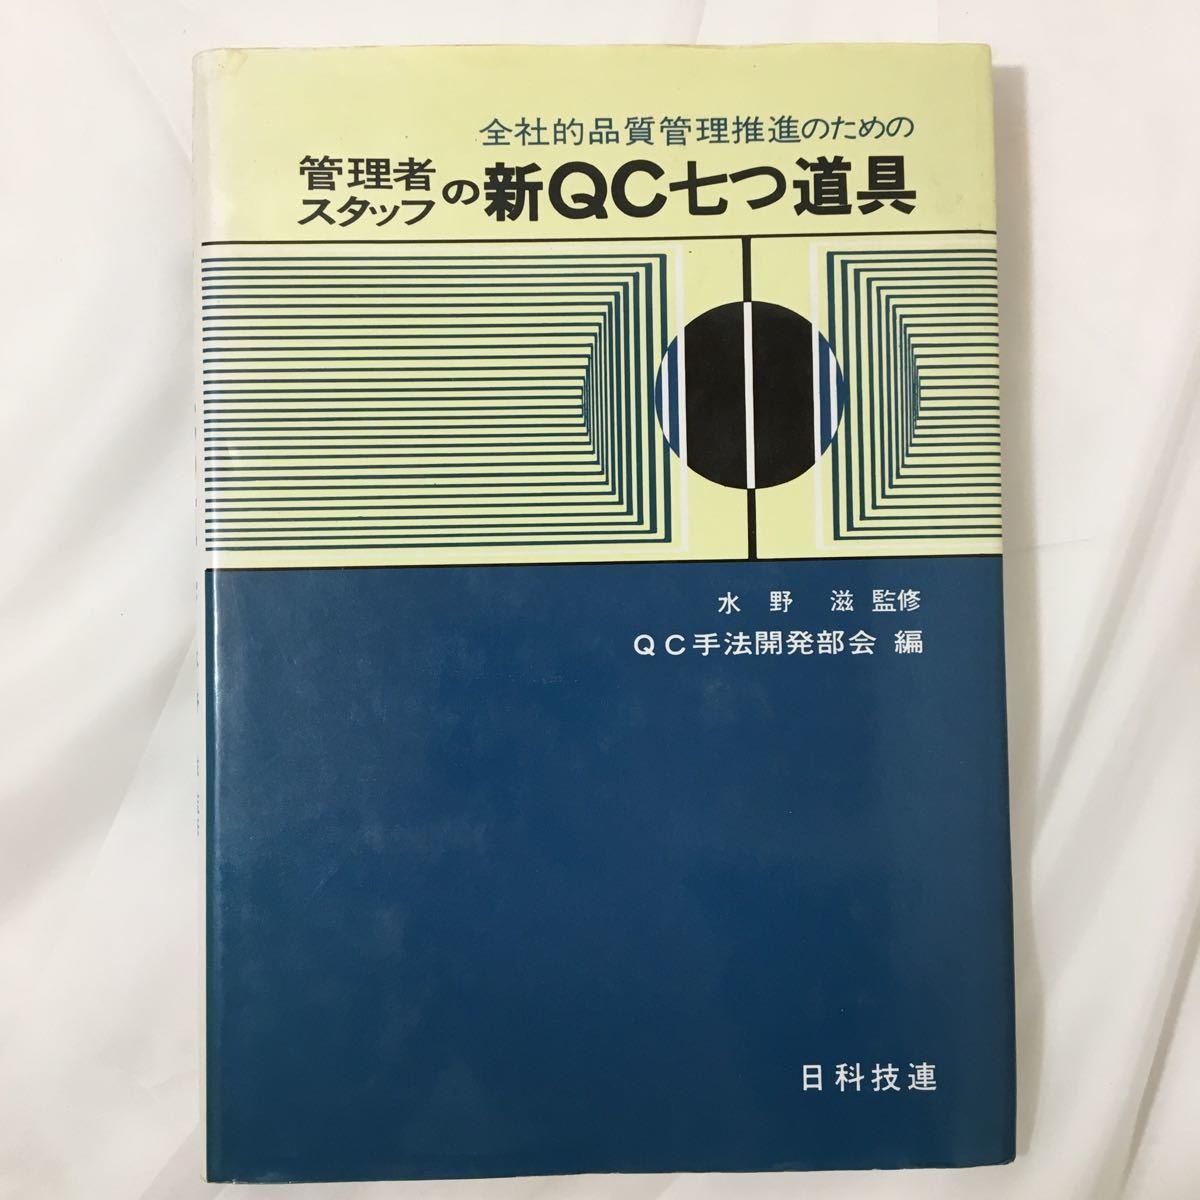 zaa-11 管理者スタッフの新QC七つ道具  日本科学技術連盟 (著) 単行本 1979/5/1_画像1